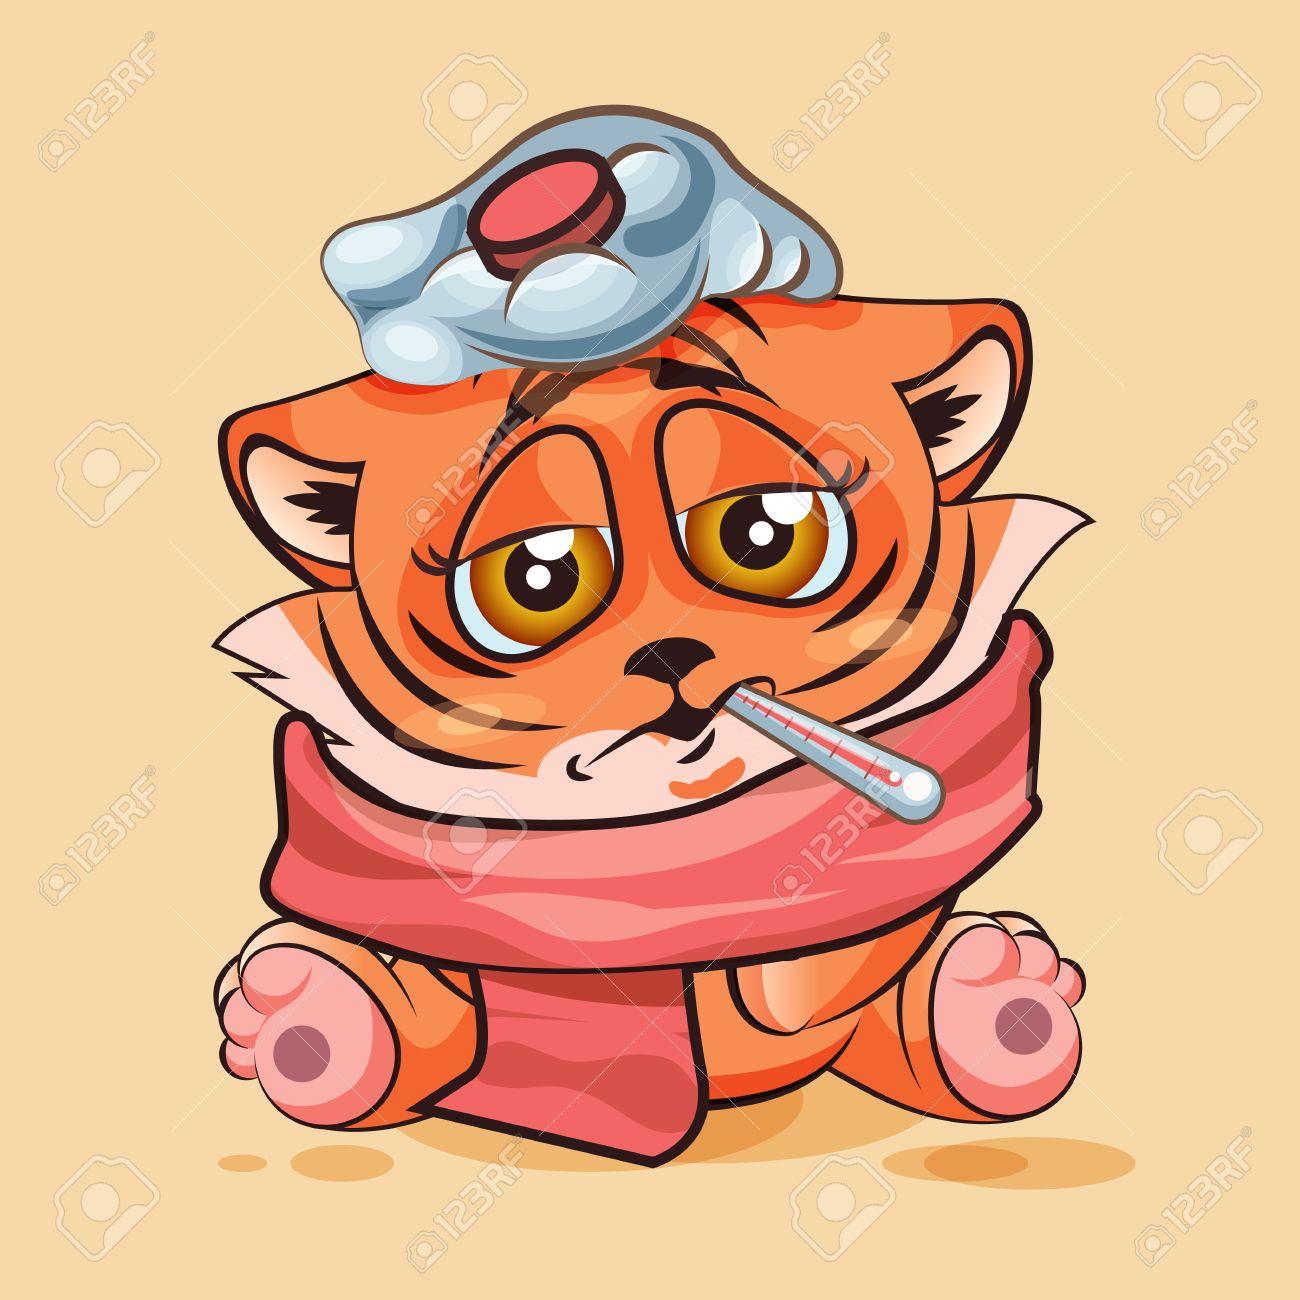 banque dimages vector illustration isol dessin anim caractre emoji tiger cub malade avec thermomtre dans la bouche autocollant moticne pour le site - Dessin Avec Emoji